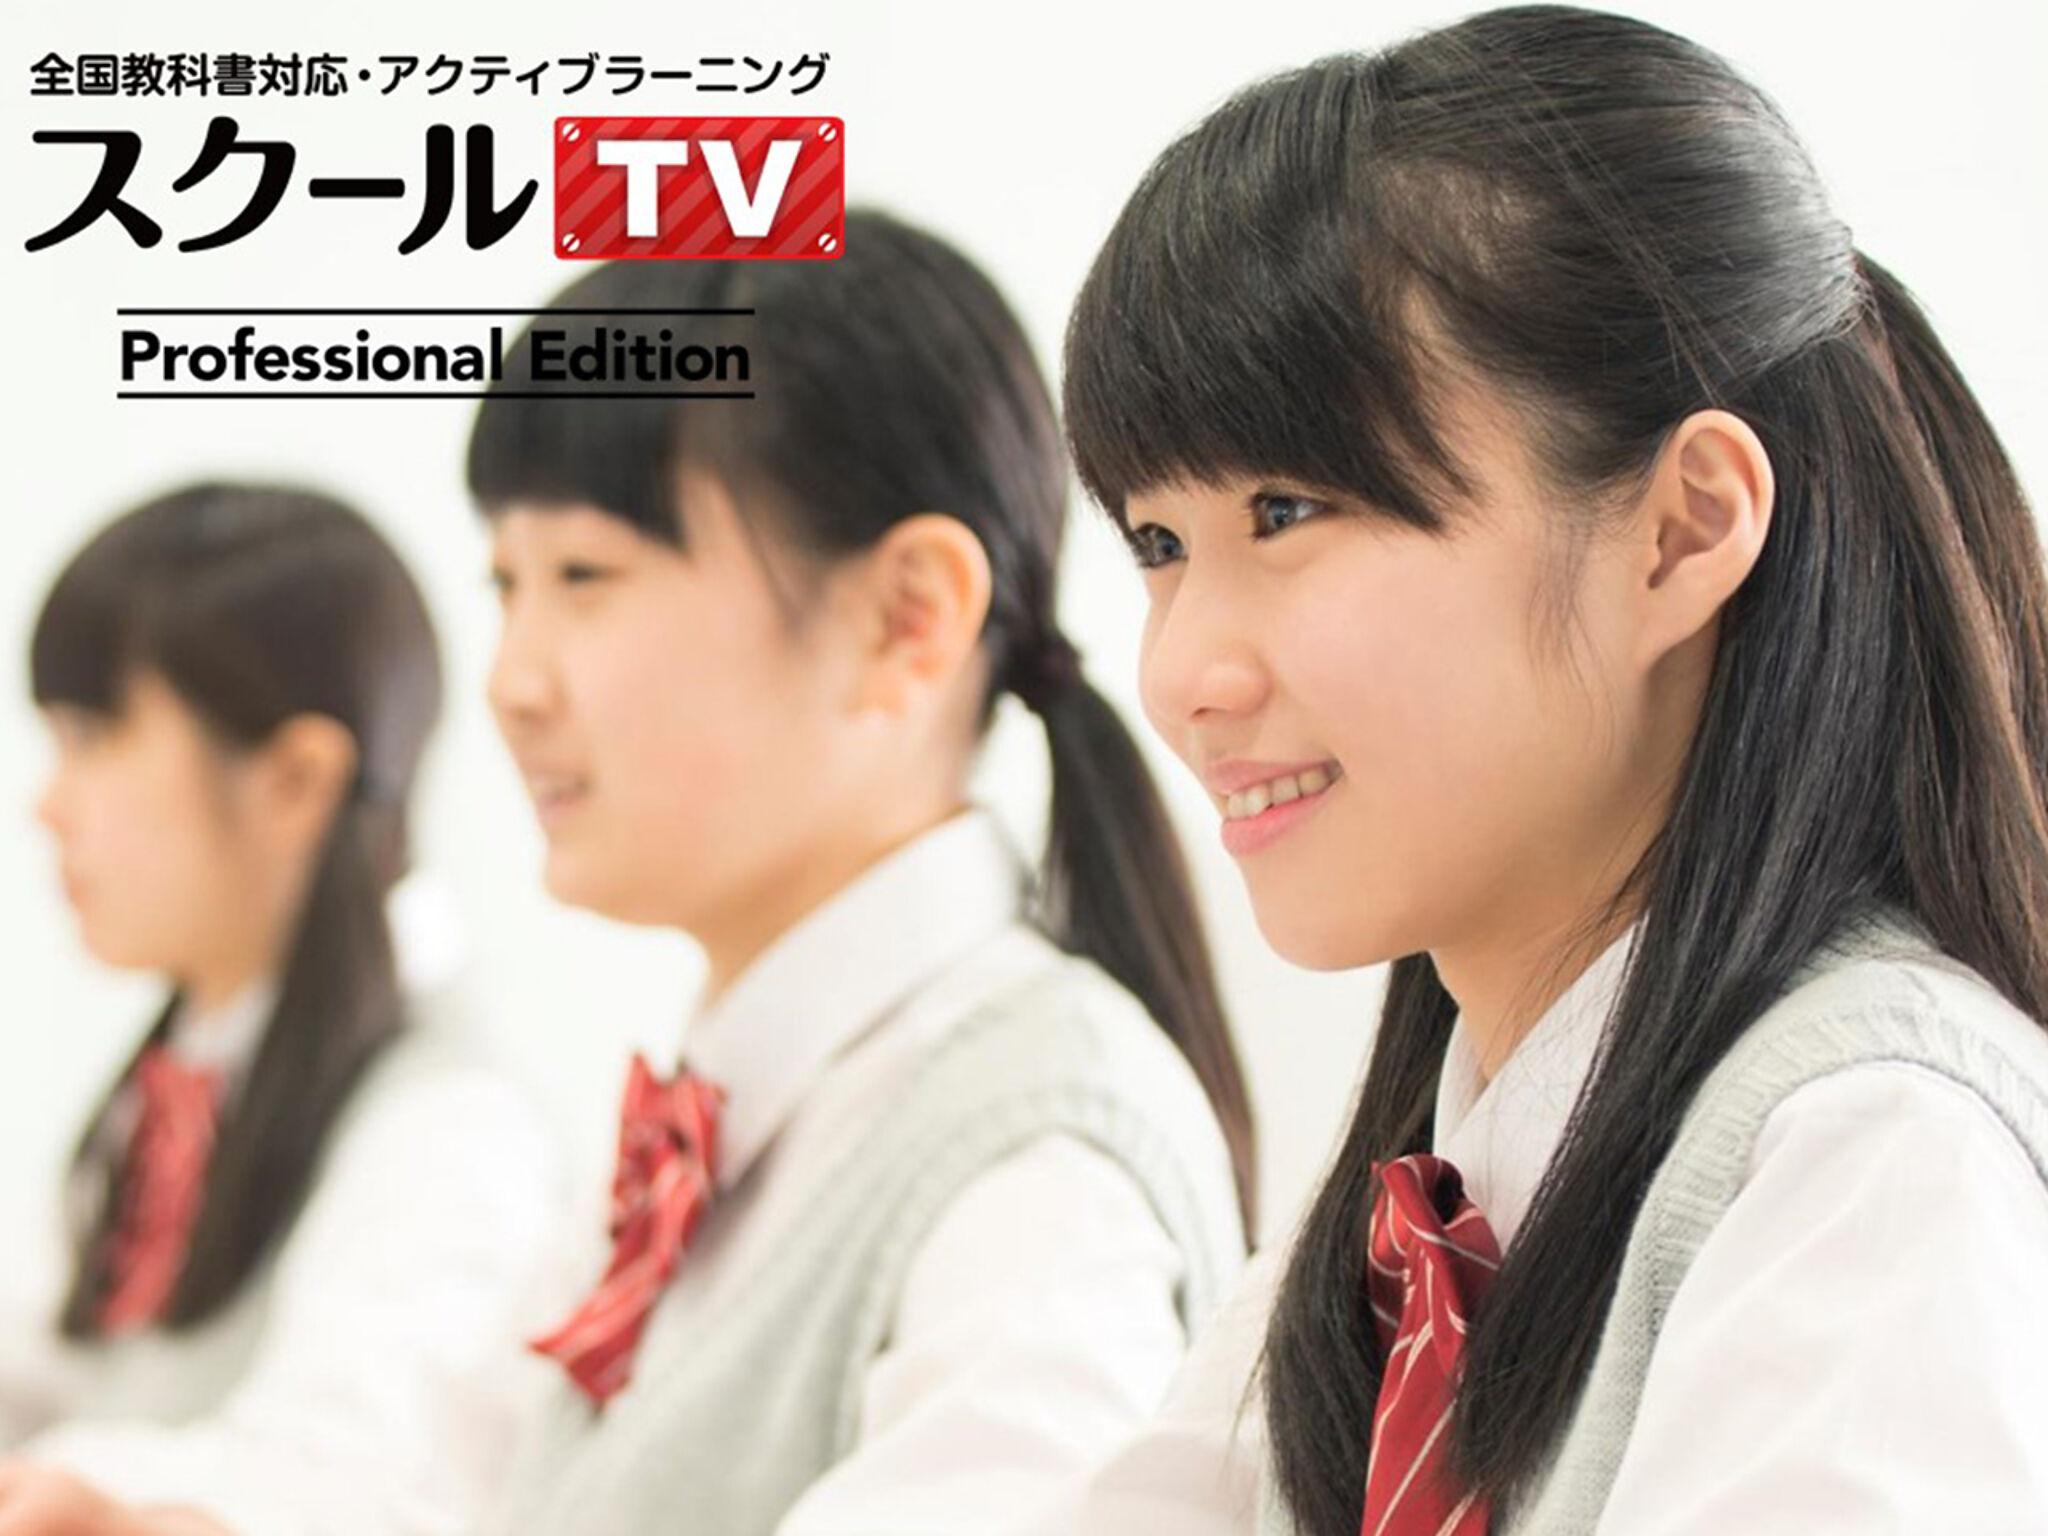 スクールTVプロの画像